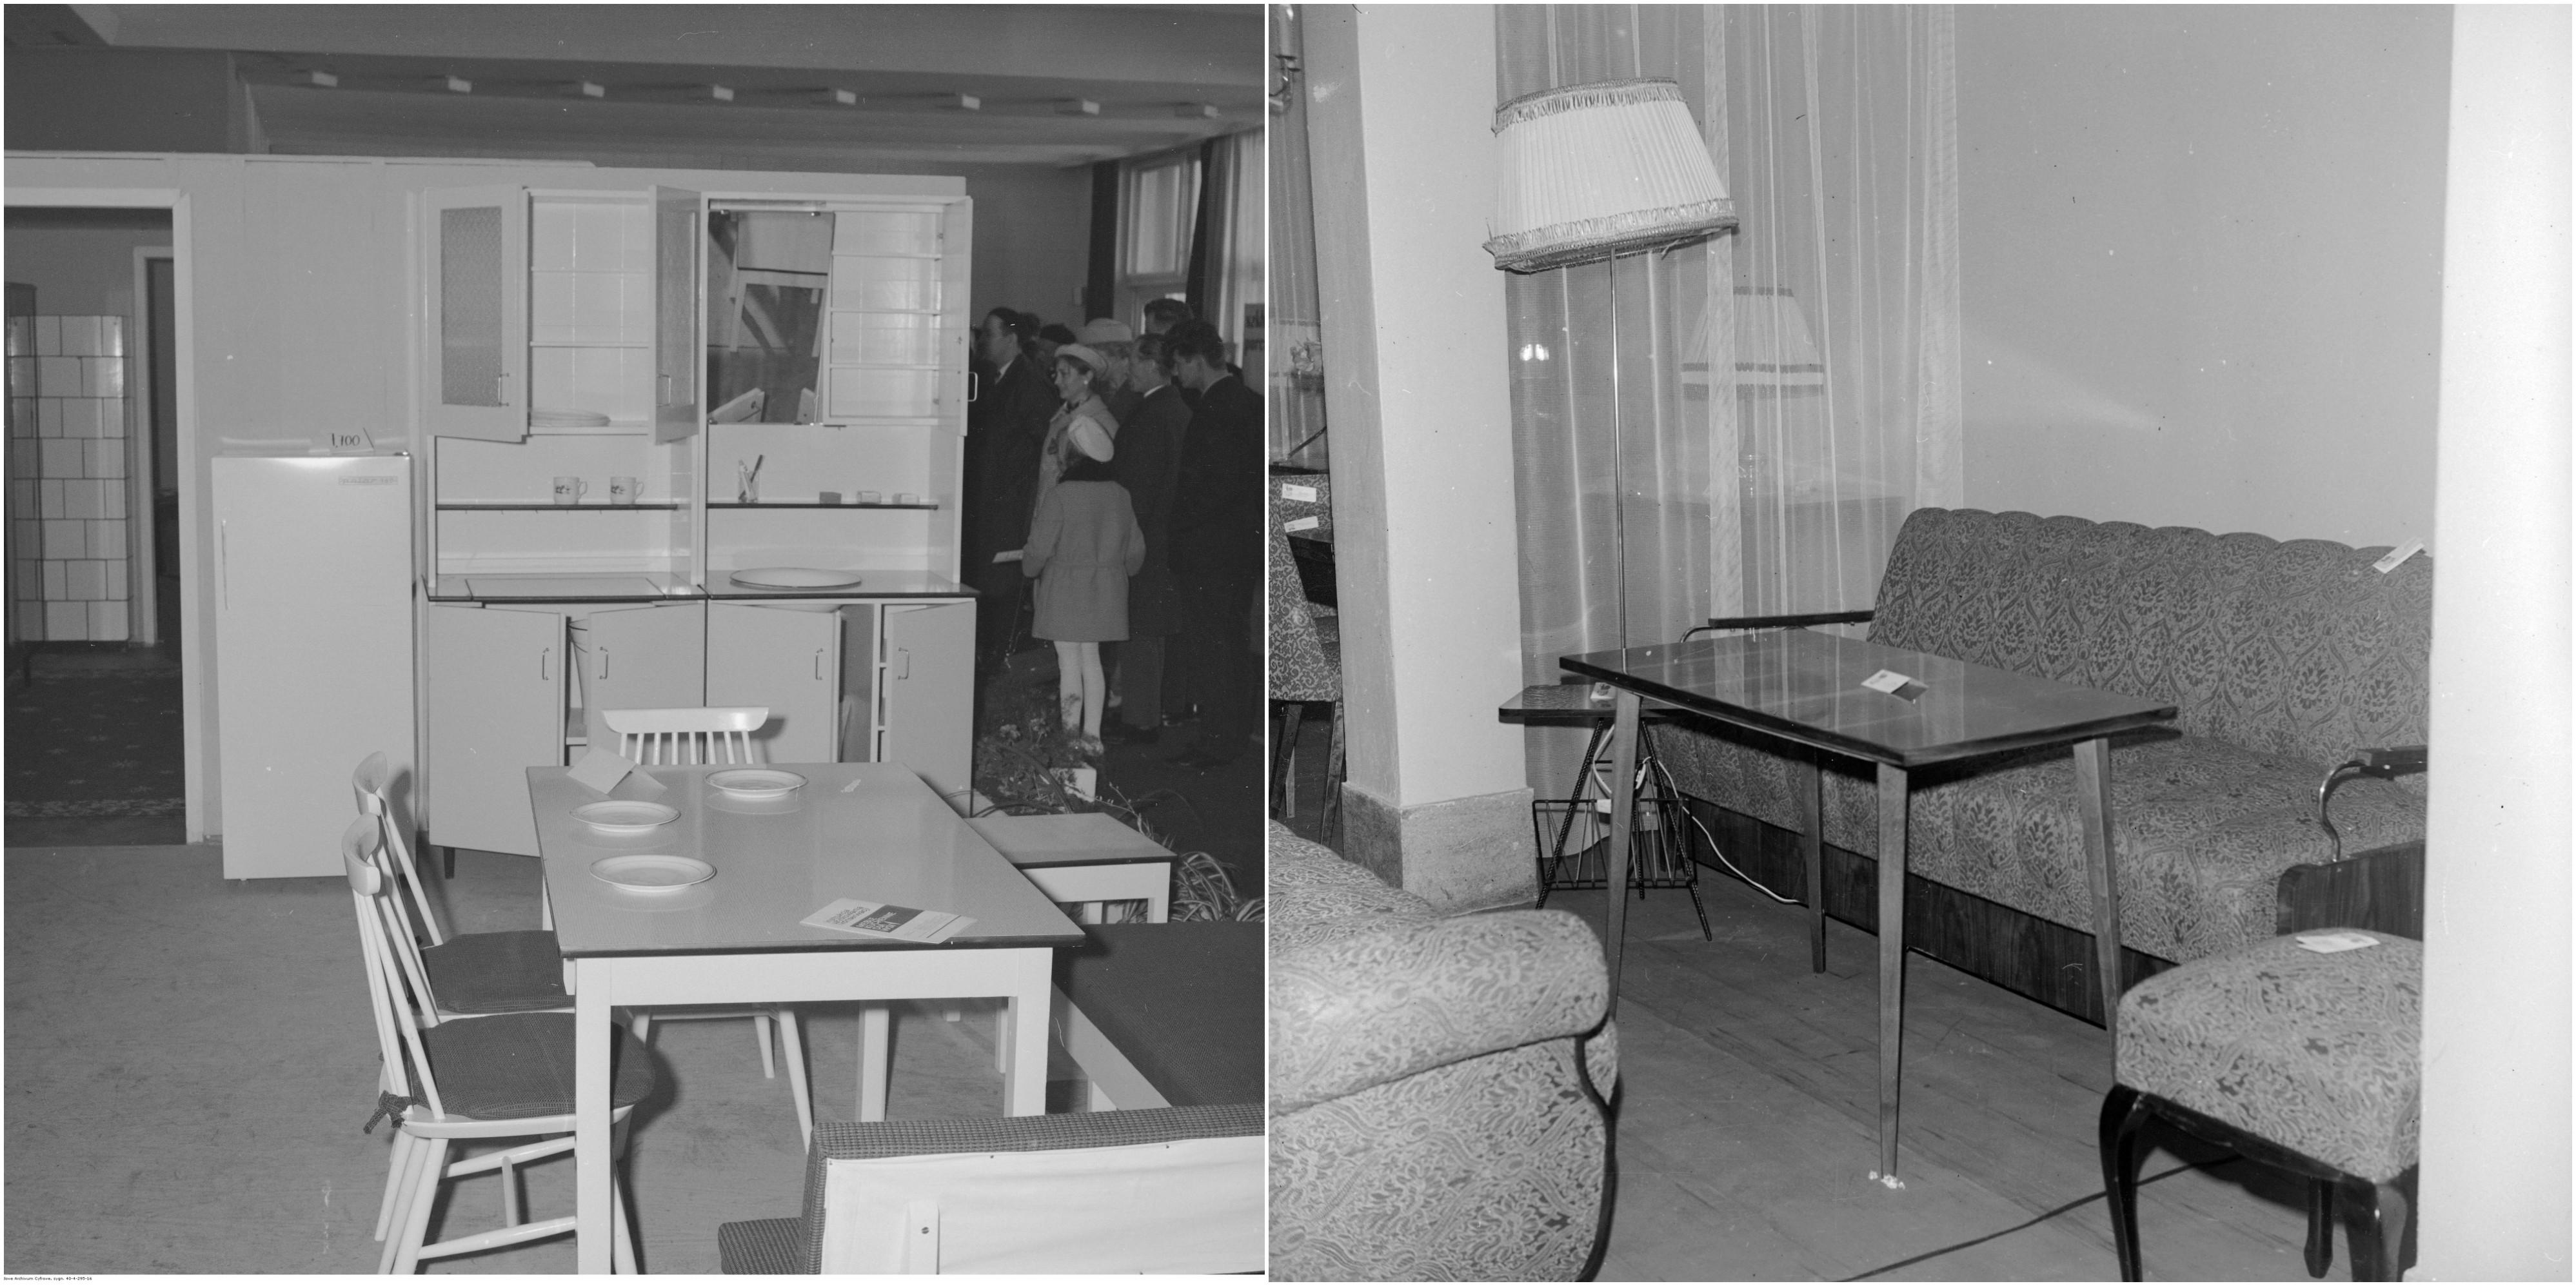 Z lewej wystawa 'Nowoczesność w każdym domu' w Powiatowym Domu Kultury w Nakle, 1968 r. Z prawej stoisko meblowe w Rzemieślniczym Domu Towarowym, lata 70. (fot. Narodowe Archiwum Cyfrowe)